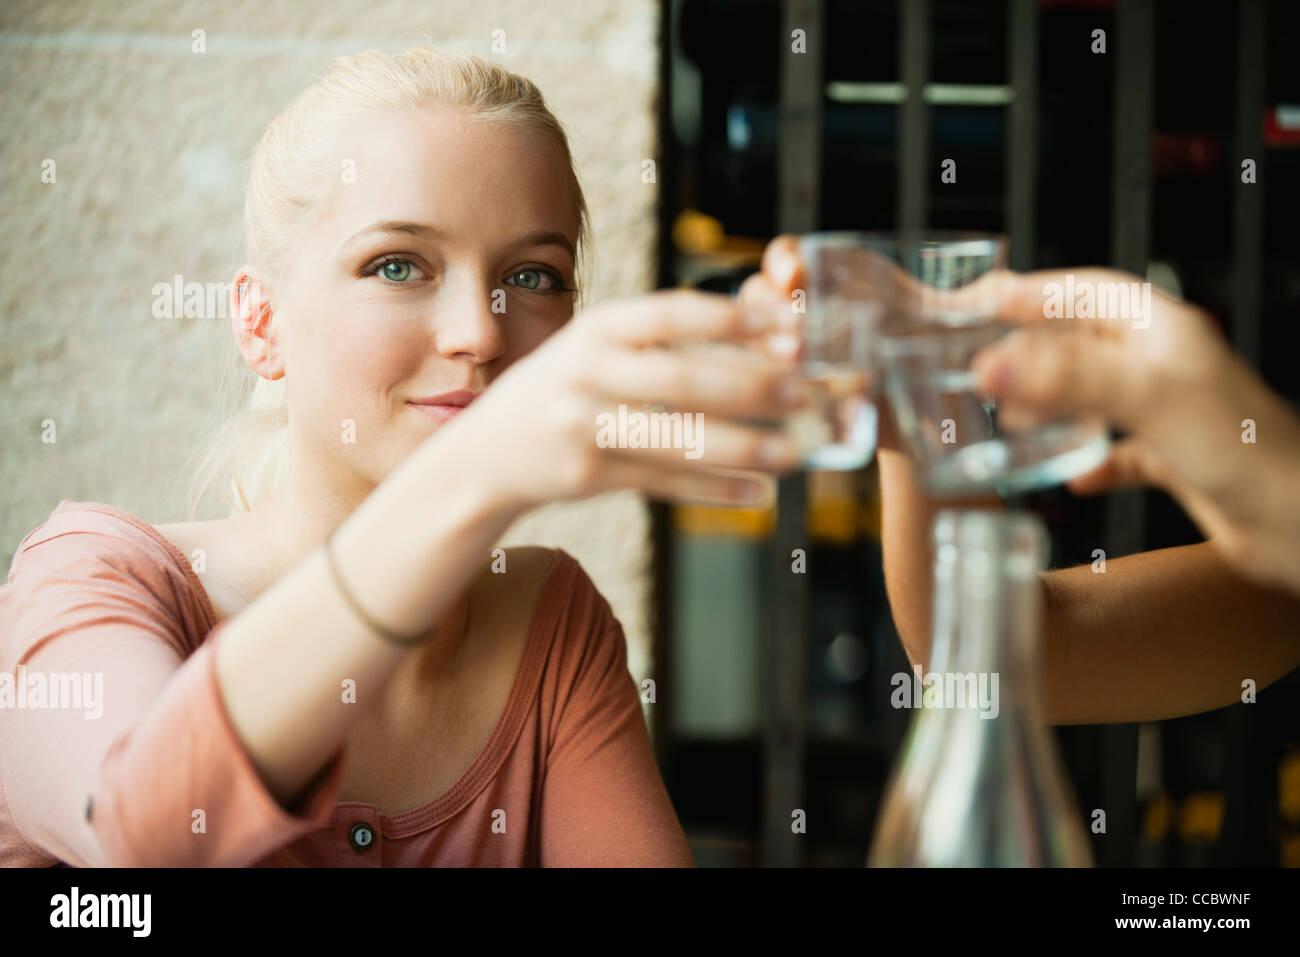 Joven Mujer rubia levantando el vidrio Imagen De Stock